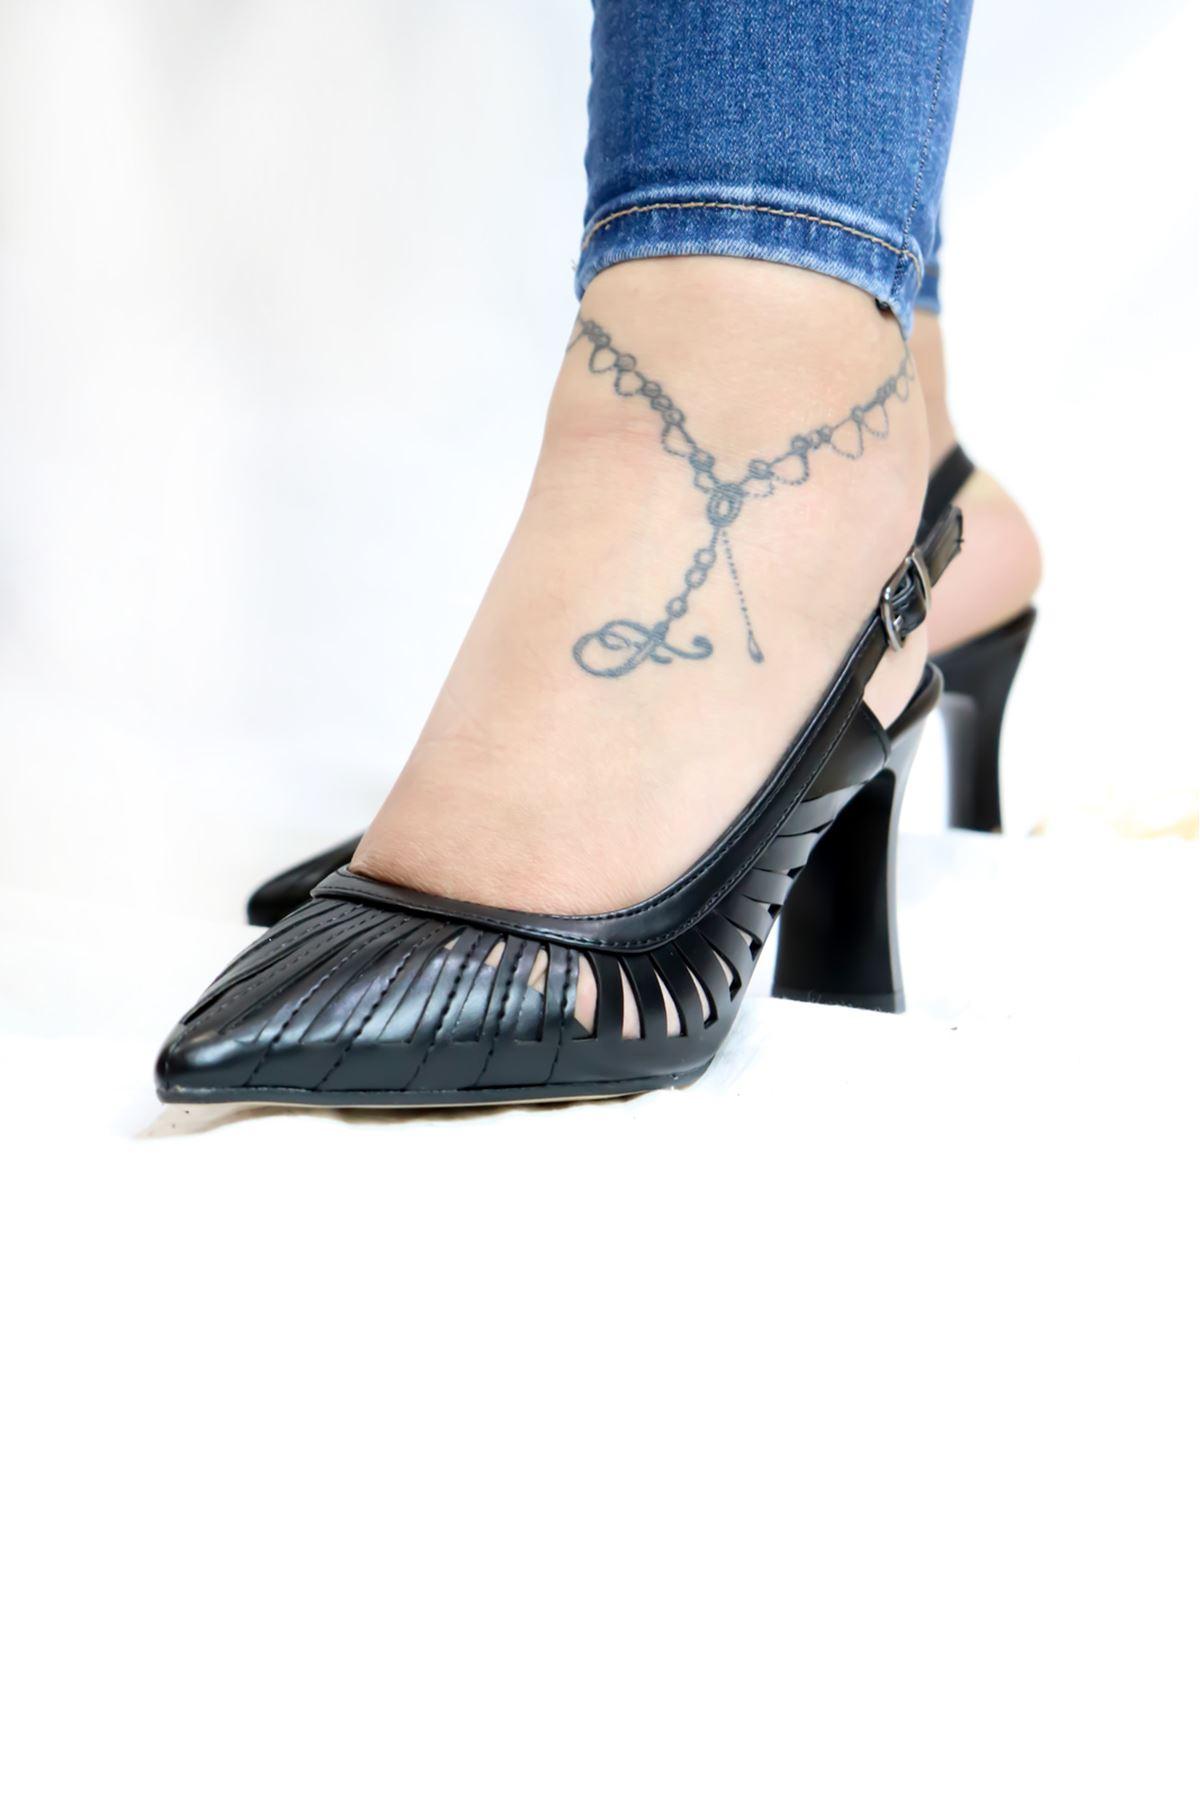 Elid Moda - Siyah arkası açık topuklu ayakkabı